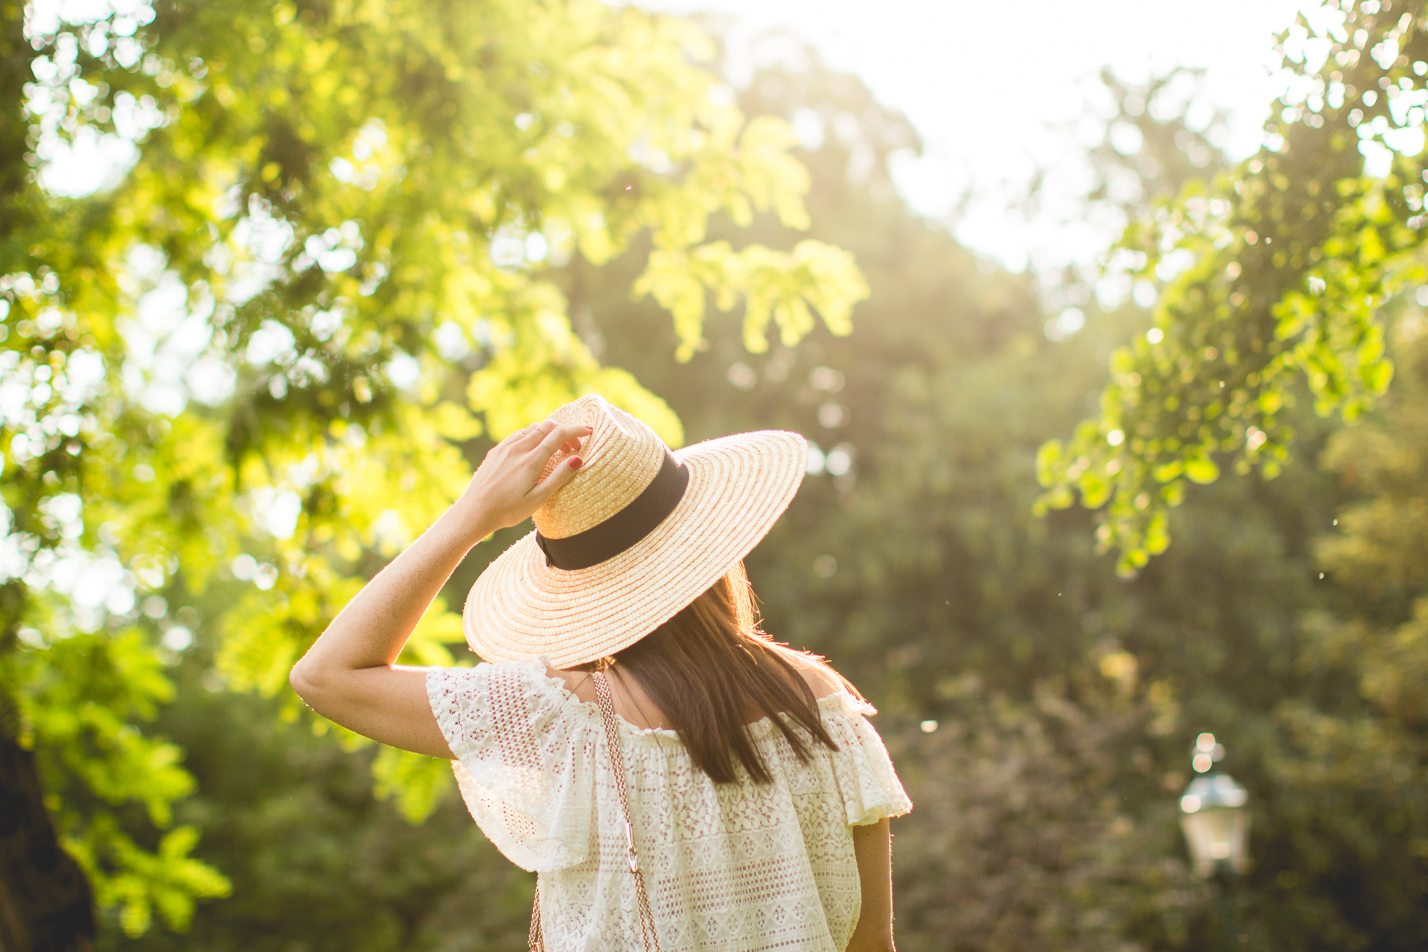 Der Perfekte Sommertag mit La Roche-Posay Sonnenschutz | Love Daily Dose